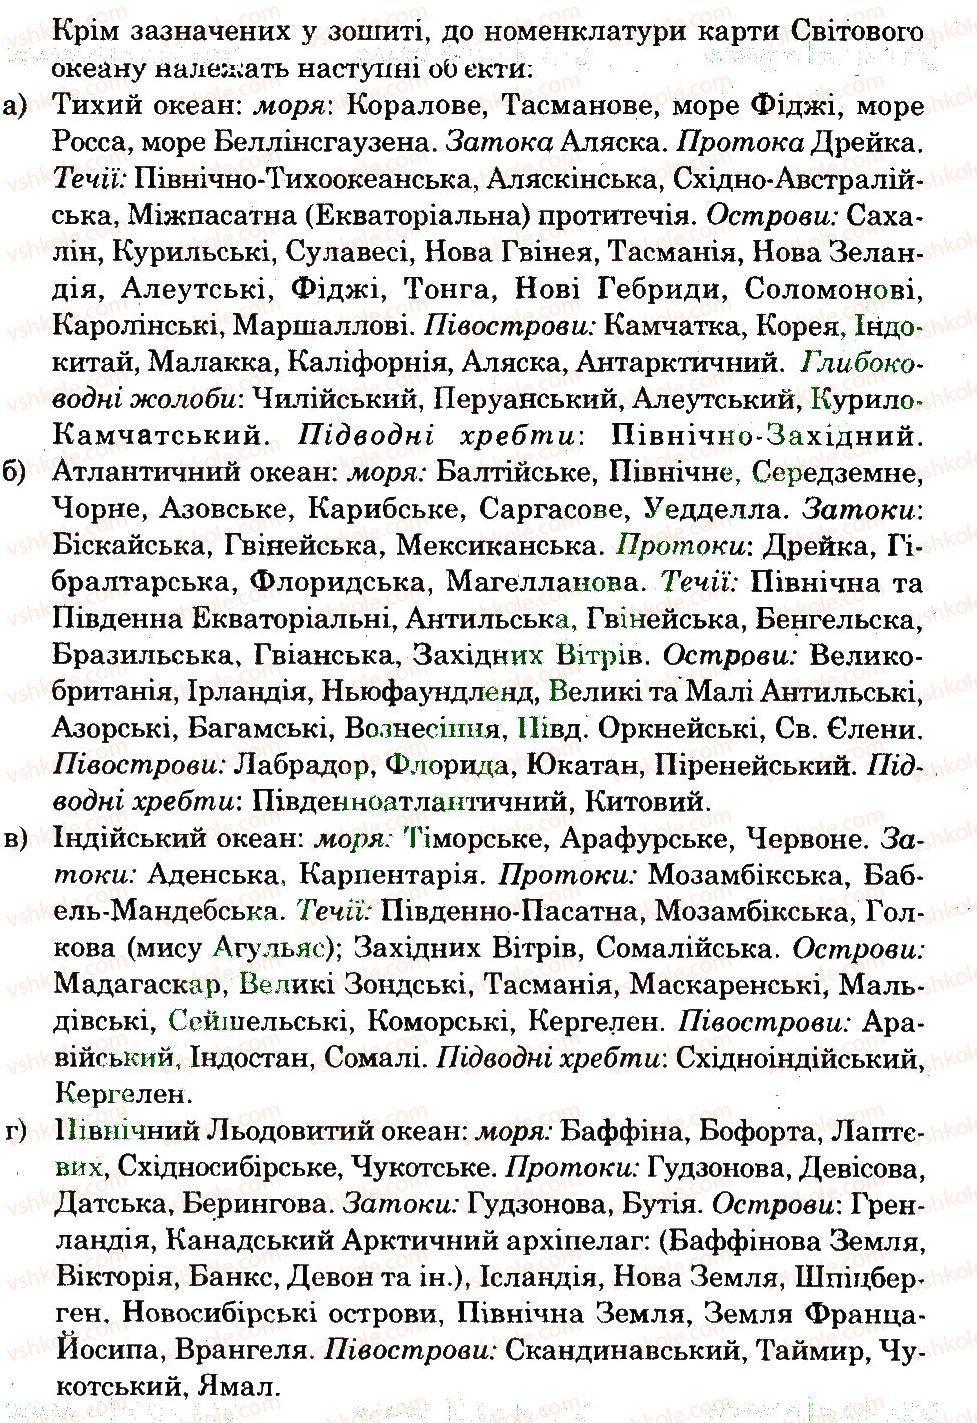 7-geografiya-og-stadnik-vf-vovk-2012-zoshit-dlya-praktichnih-robit--praktichni-roboti-praktichna-robota-5-1-rnd9312.jpg